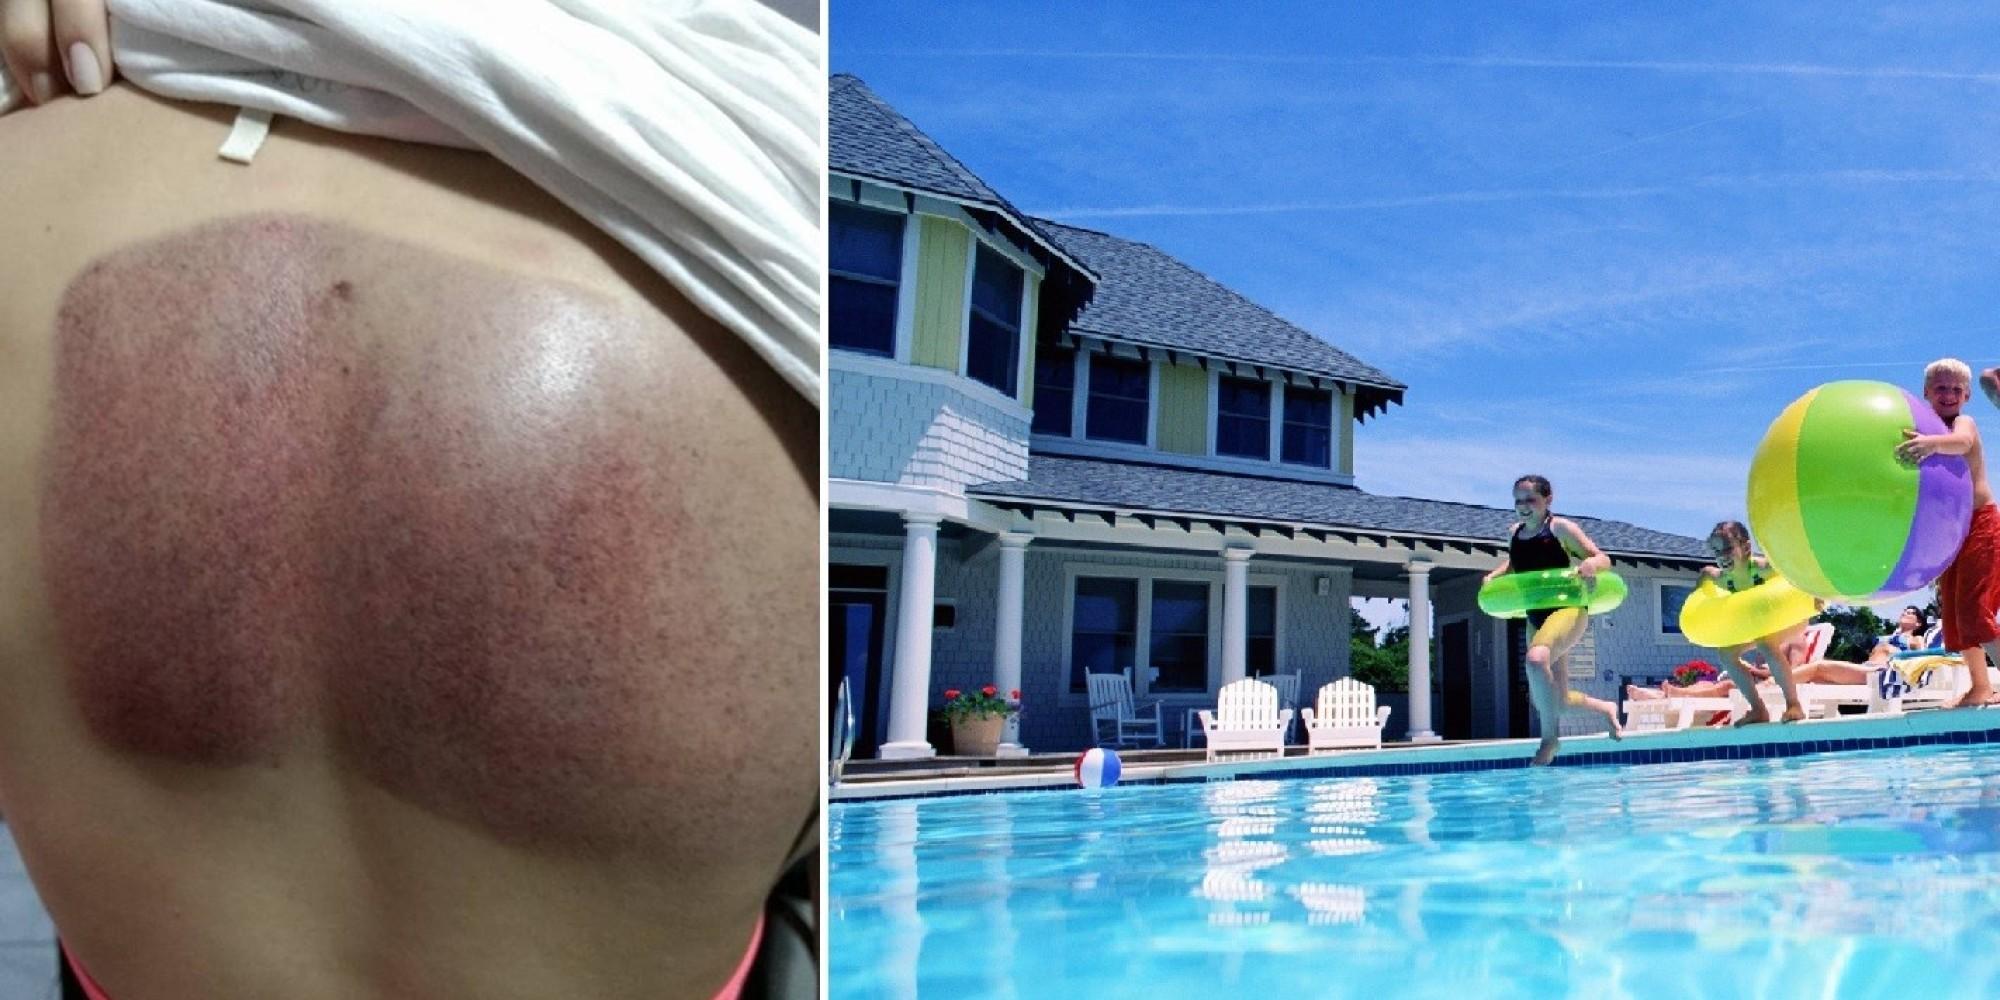 Mulher desabafa sobre acidente na piscina e faz alerta for Piscina e maschile o femminile